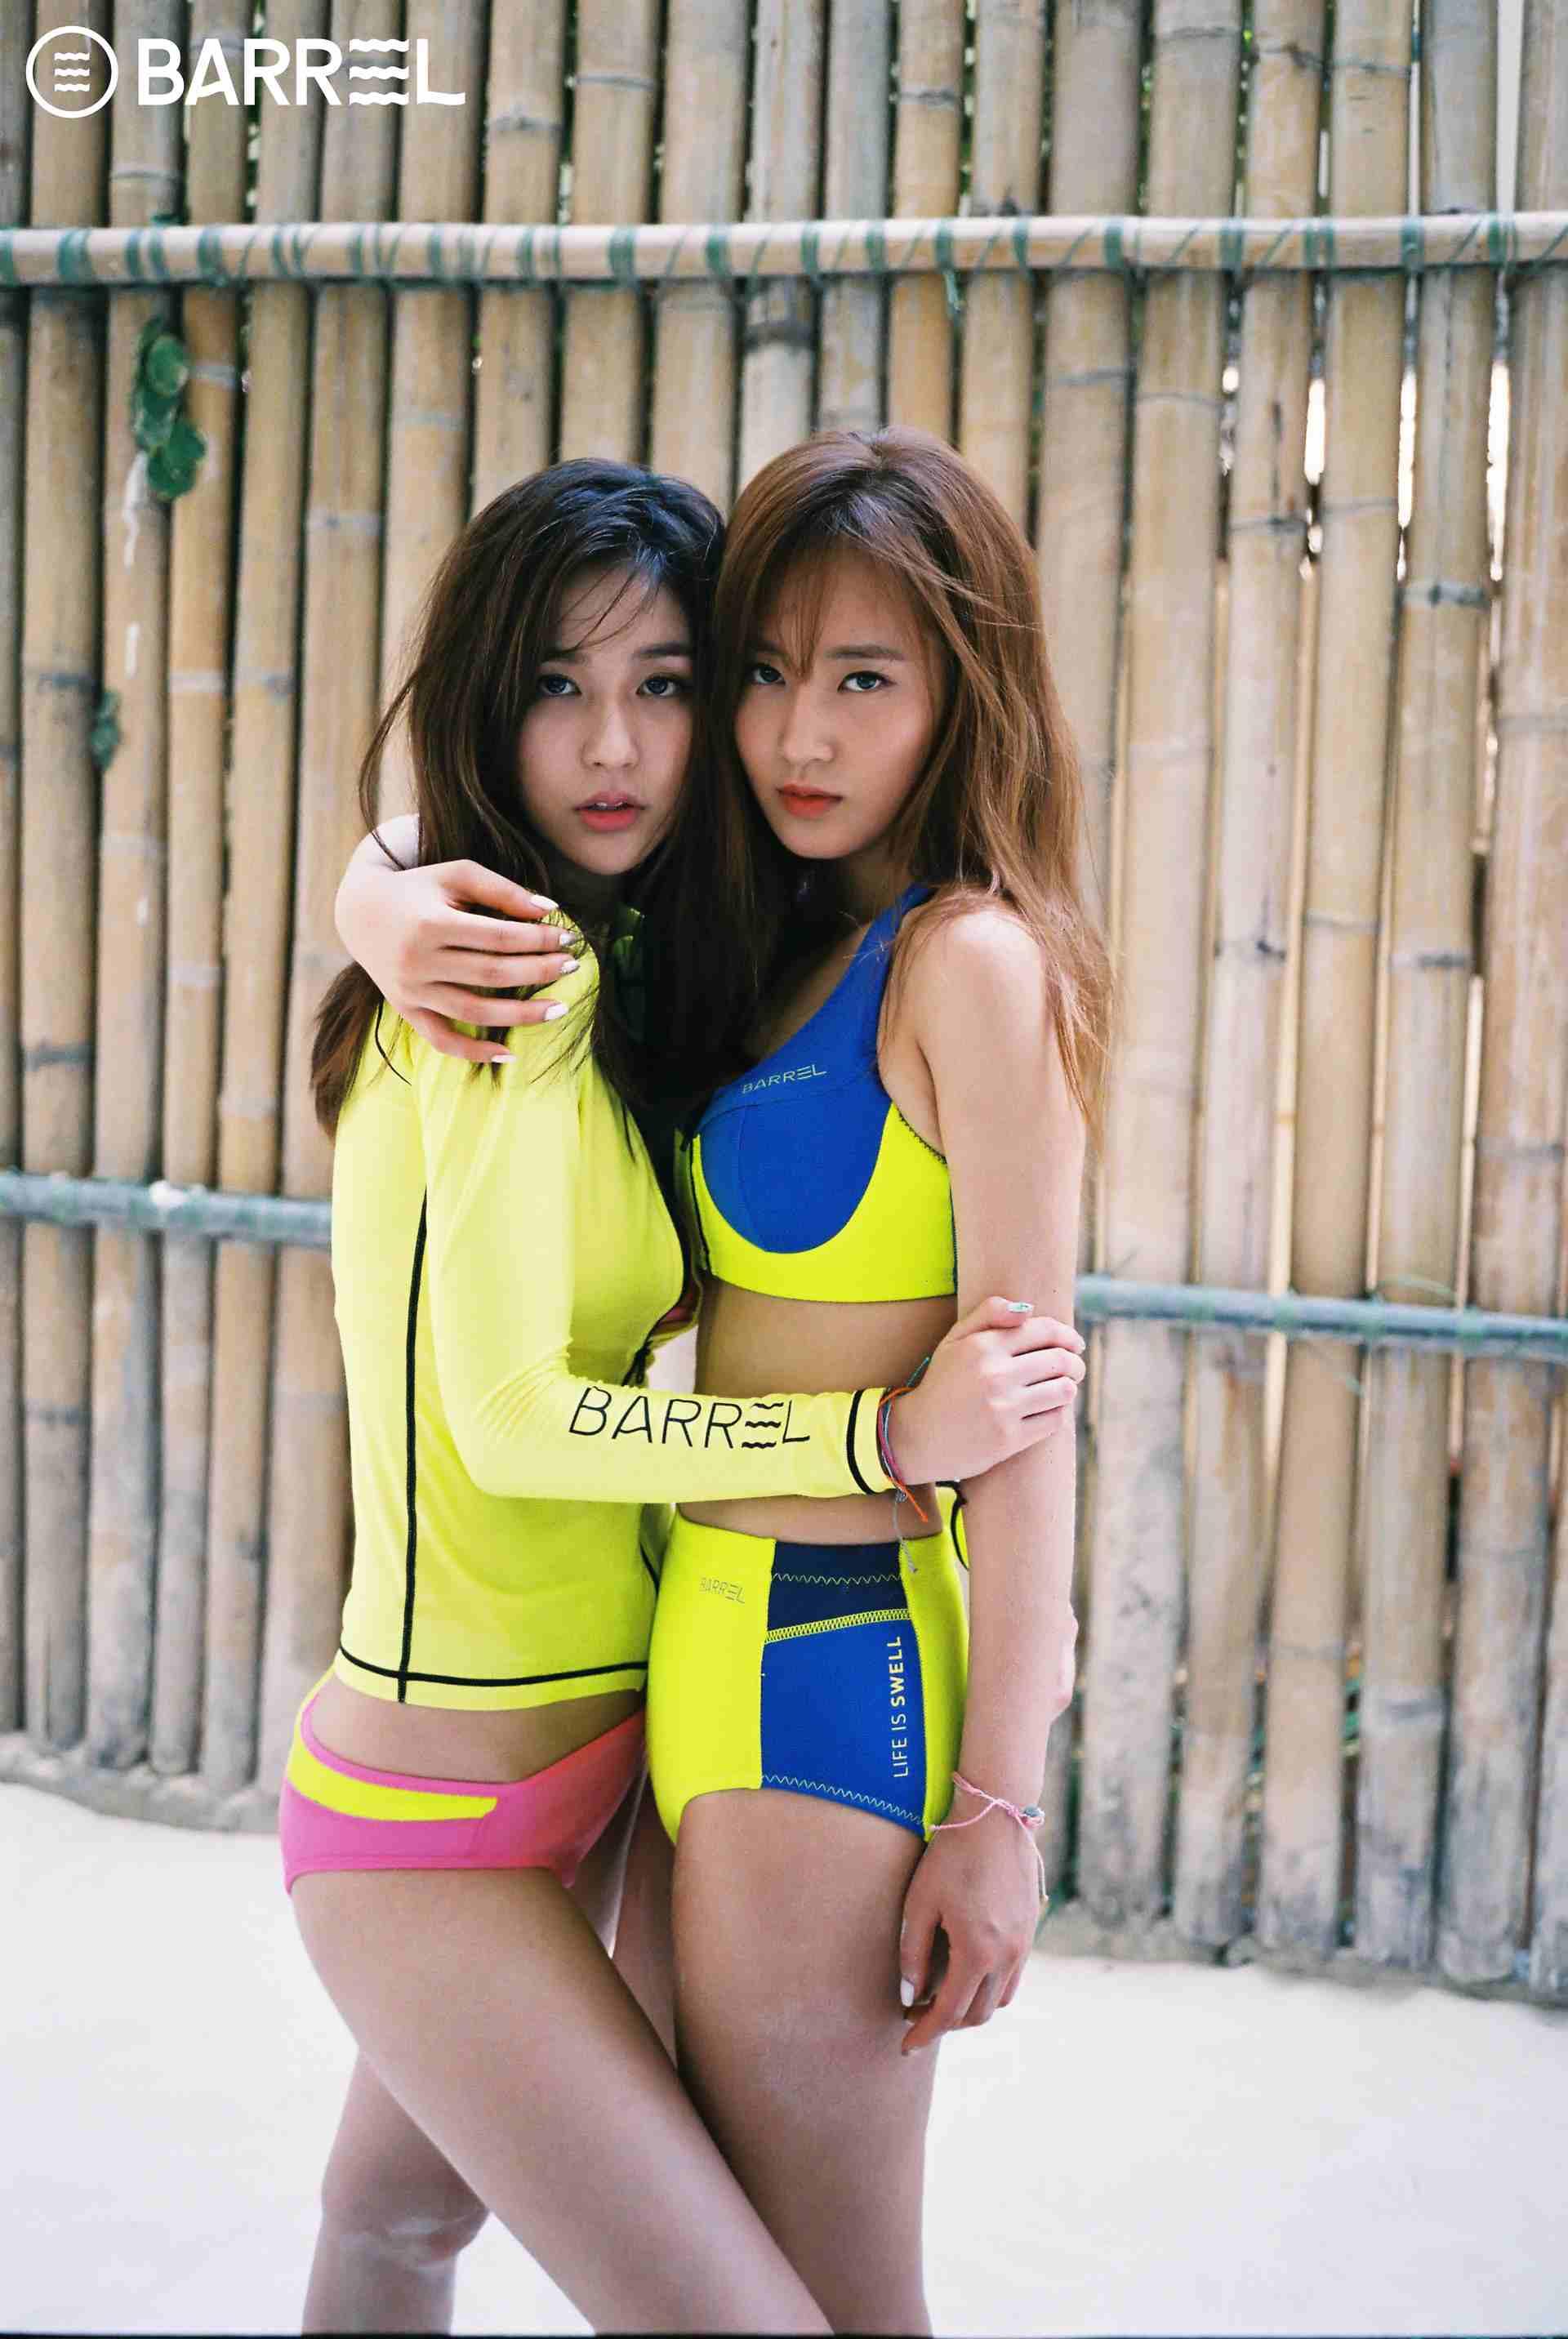 兩人因為聚會而相識,目前已交往約2個月,讓YG的才子與美女組合再加一對!而且細數YG的製作人好像從老楊愛上自己旗下女偶像,Sean的妻子是演員鄭惠英、Tablo的太太更是知名演員姜惠貞來看,YG旗下的製作人都很受美女們的歡迎欸!